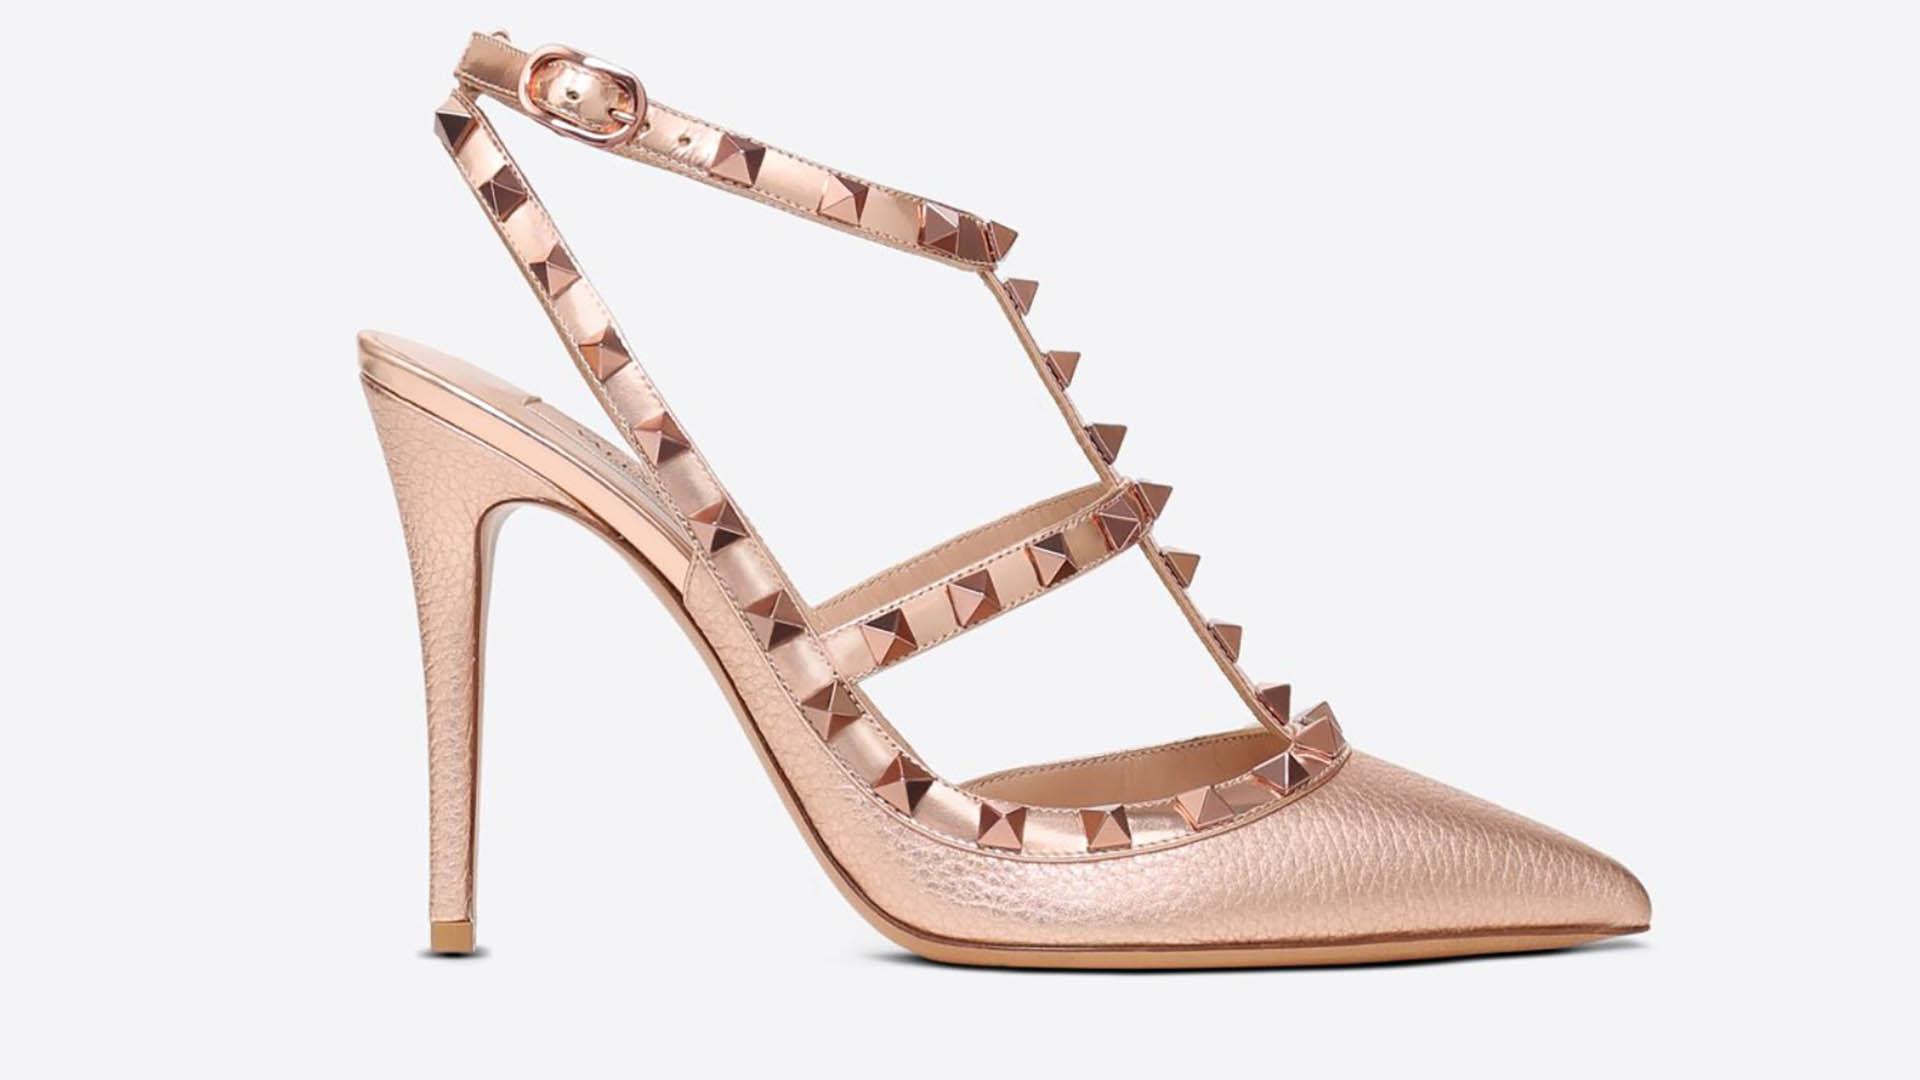 """Por Valentino, el modelo """"Rockstud ankle strap pump"""" en cuero rosado con tachas pirámide y en punta. Este clásico de la firma italiana tiene una gran variedad de colores, detalles y material en el que está confeccionado el zapato"""